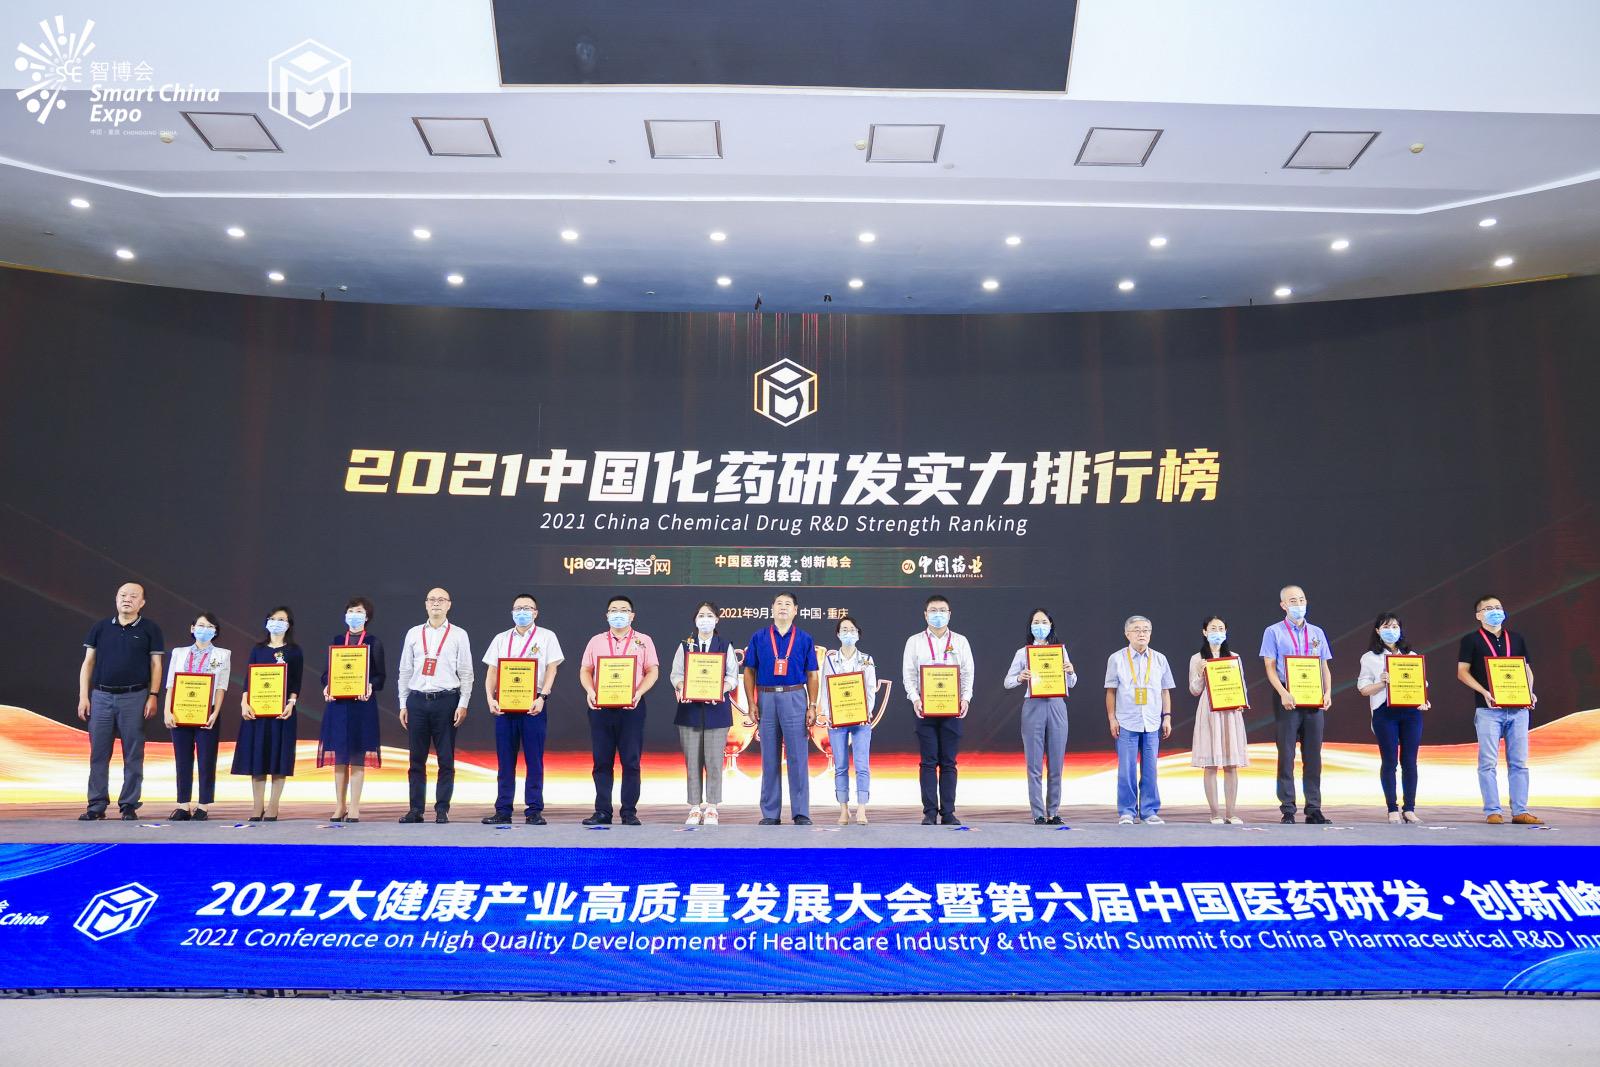 石家莊四藥再度躋身中國化學制藥研發實力50強行列